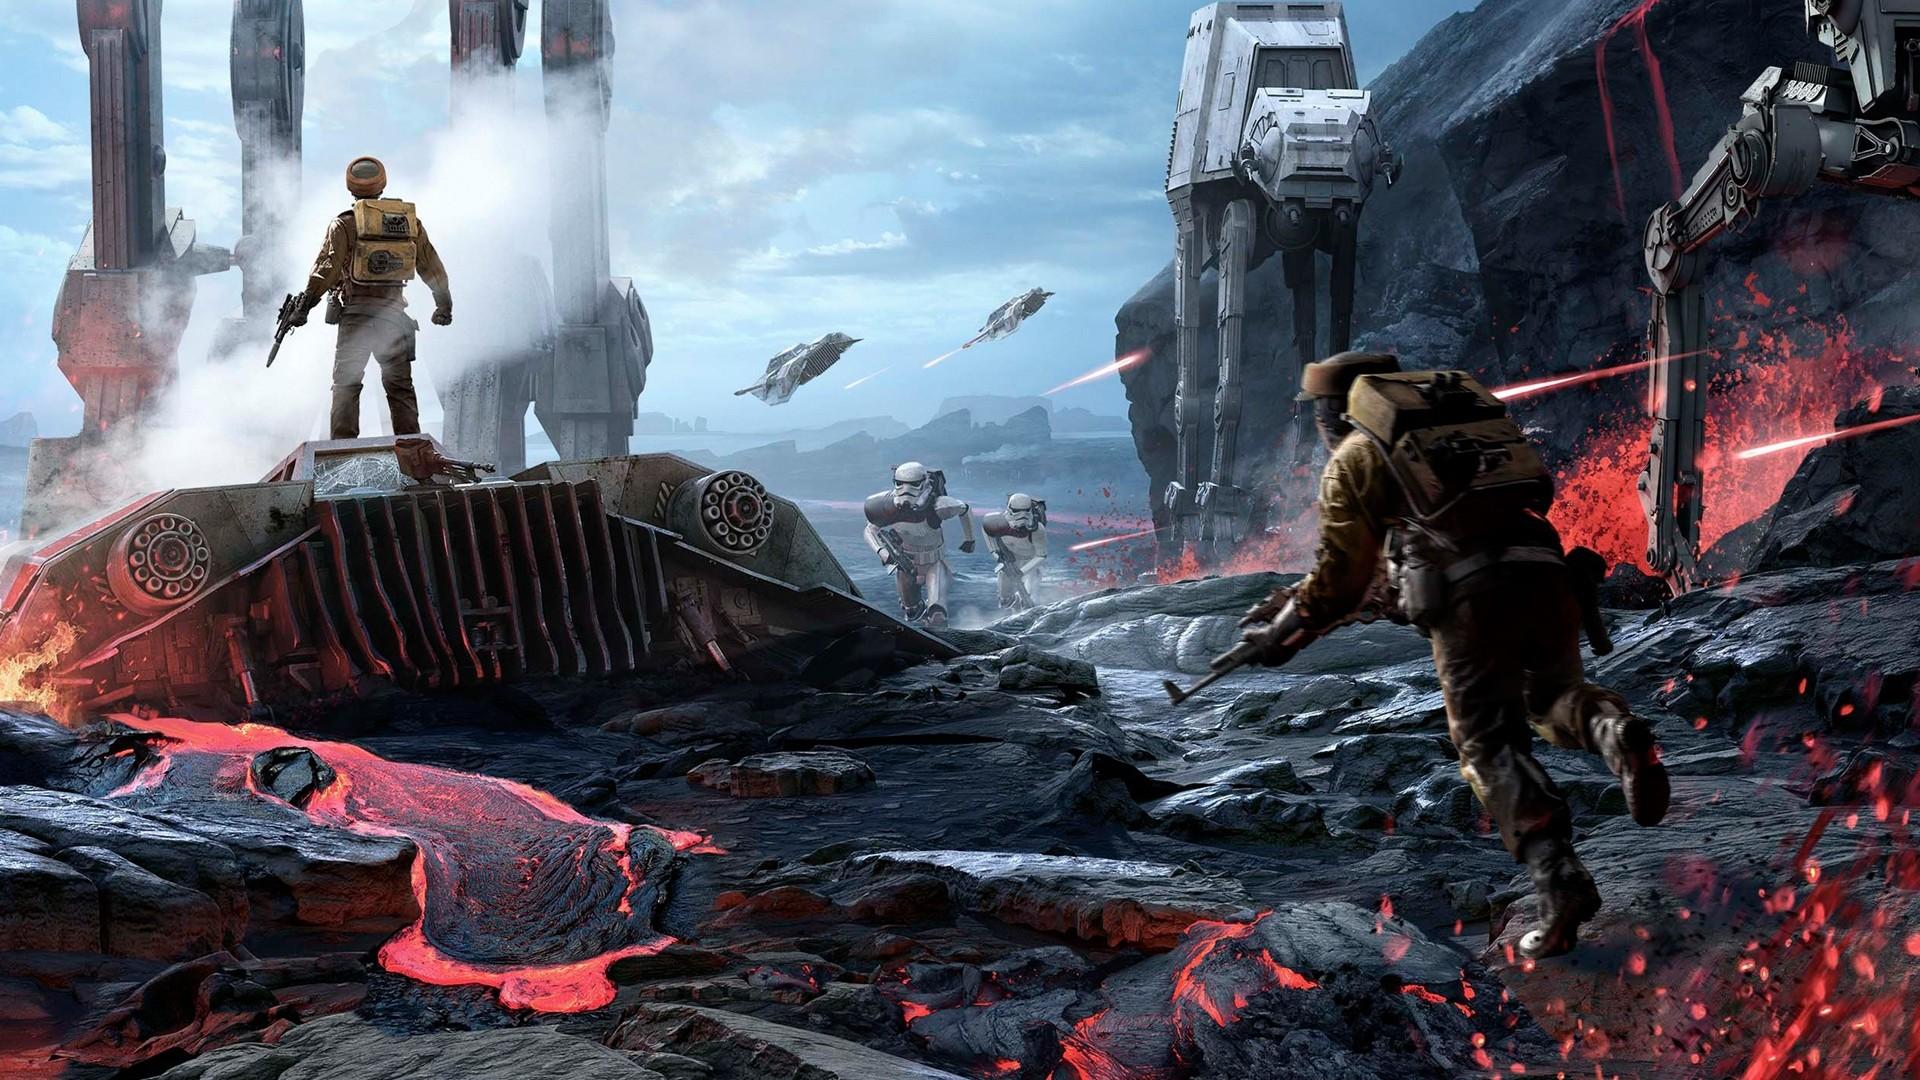 Star Wars Battlefront (2015) Full HD Wallpaper